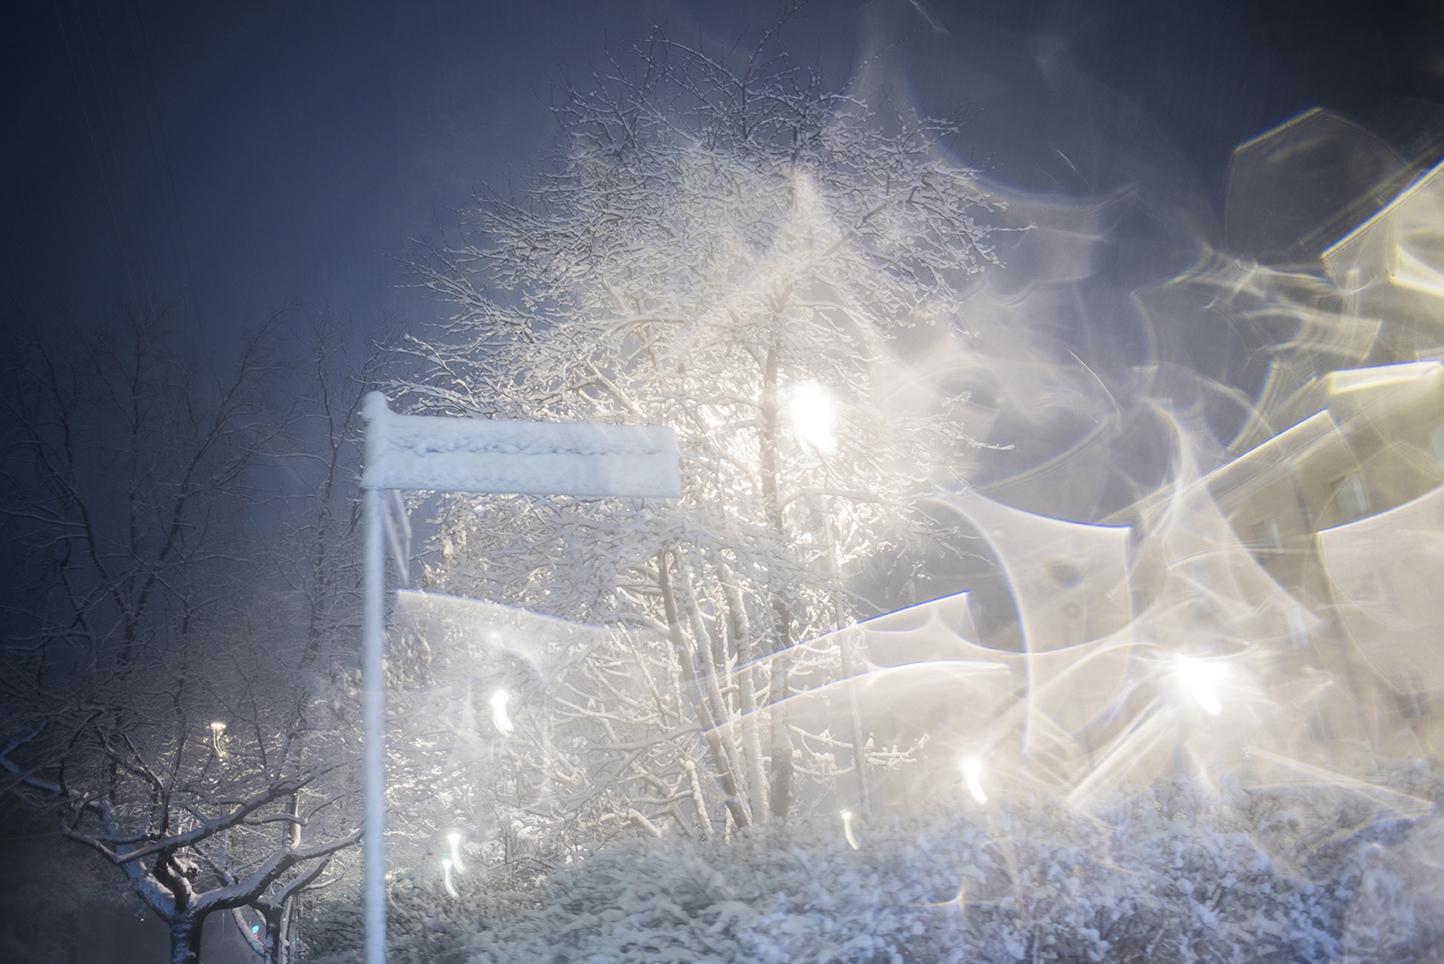 MILUNA-Ewa-Milun-Walczak-Zima-snieg-Piastow-plener-opady-biel-magia-zimy-zimno-chlod-piekno-Pod-pierzyna-5